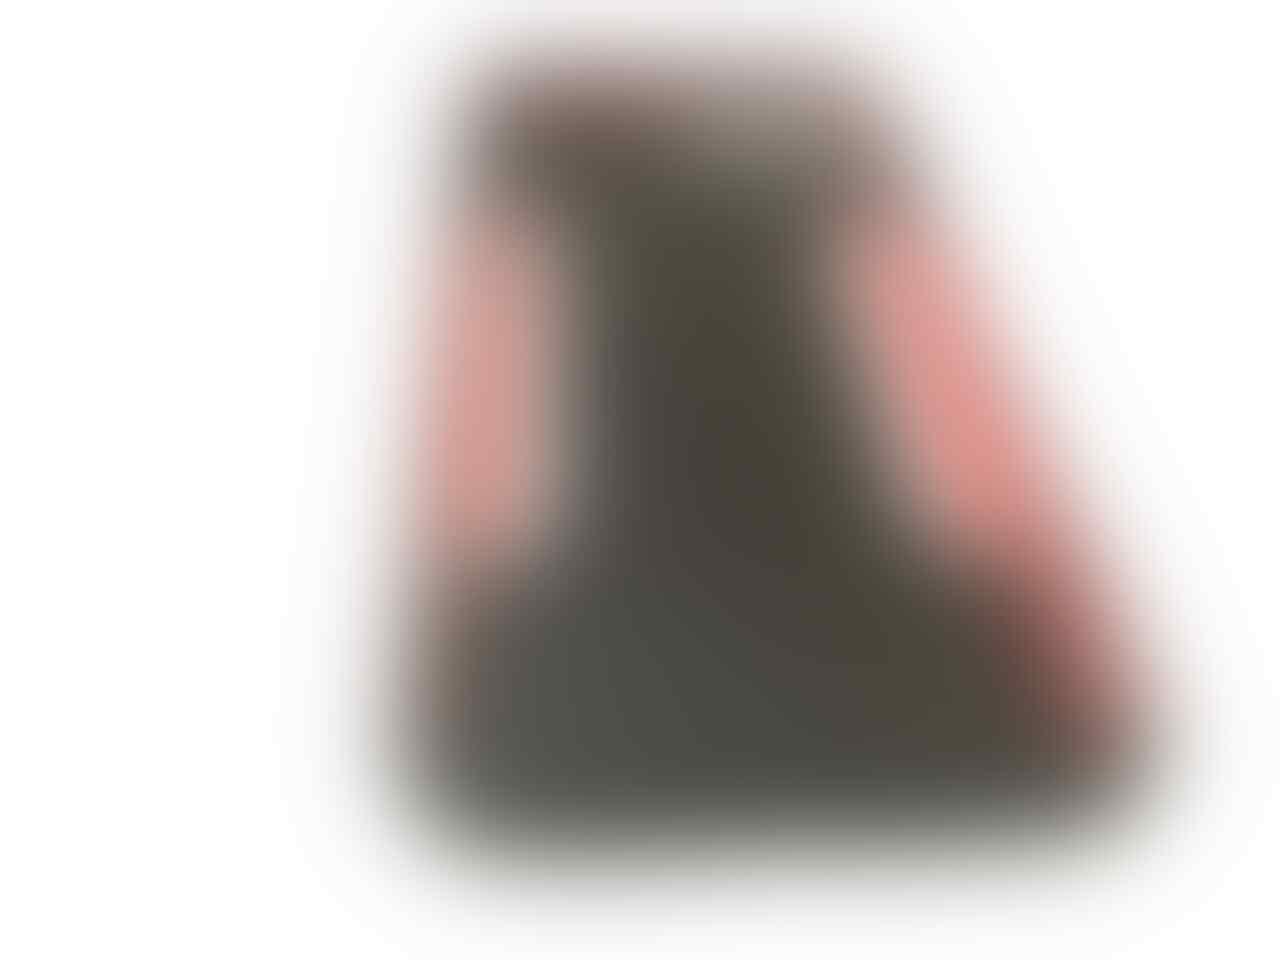 XDORIA DEFENSE CASE ORIGINAL FOR IPHONE 7 PLUS / 8 PLUS MURAAAHH 250 SAJA [MALANG]